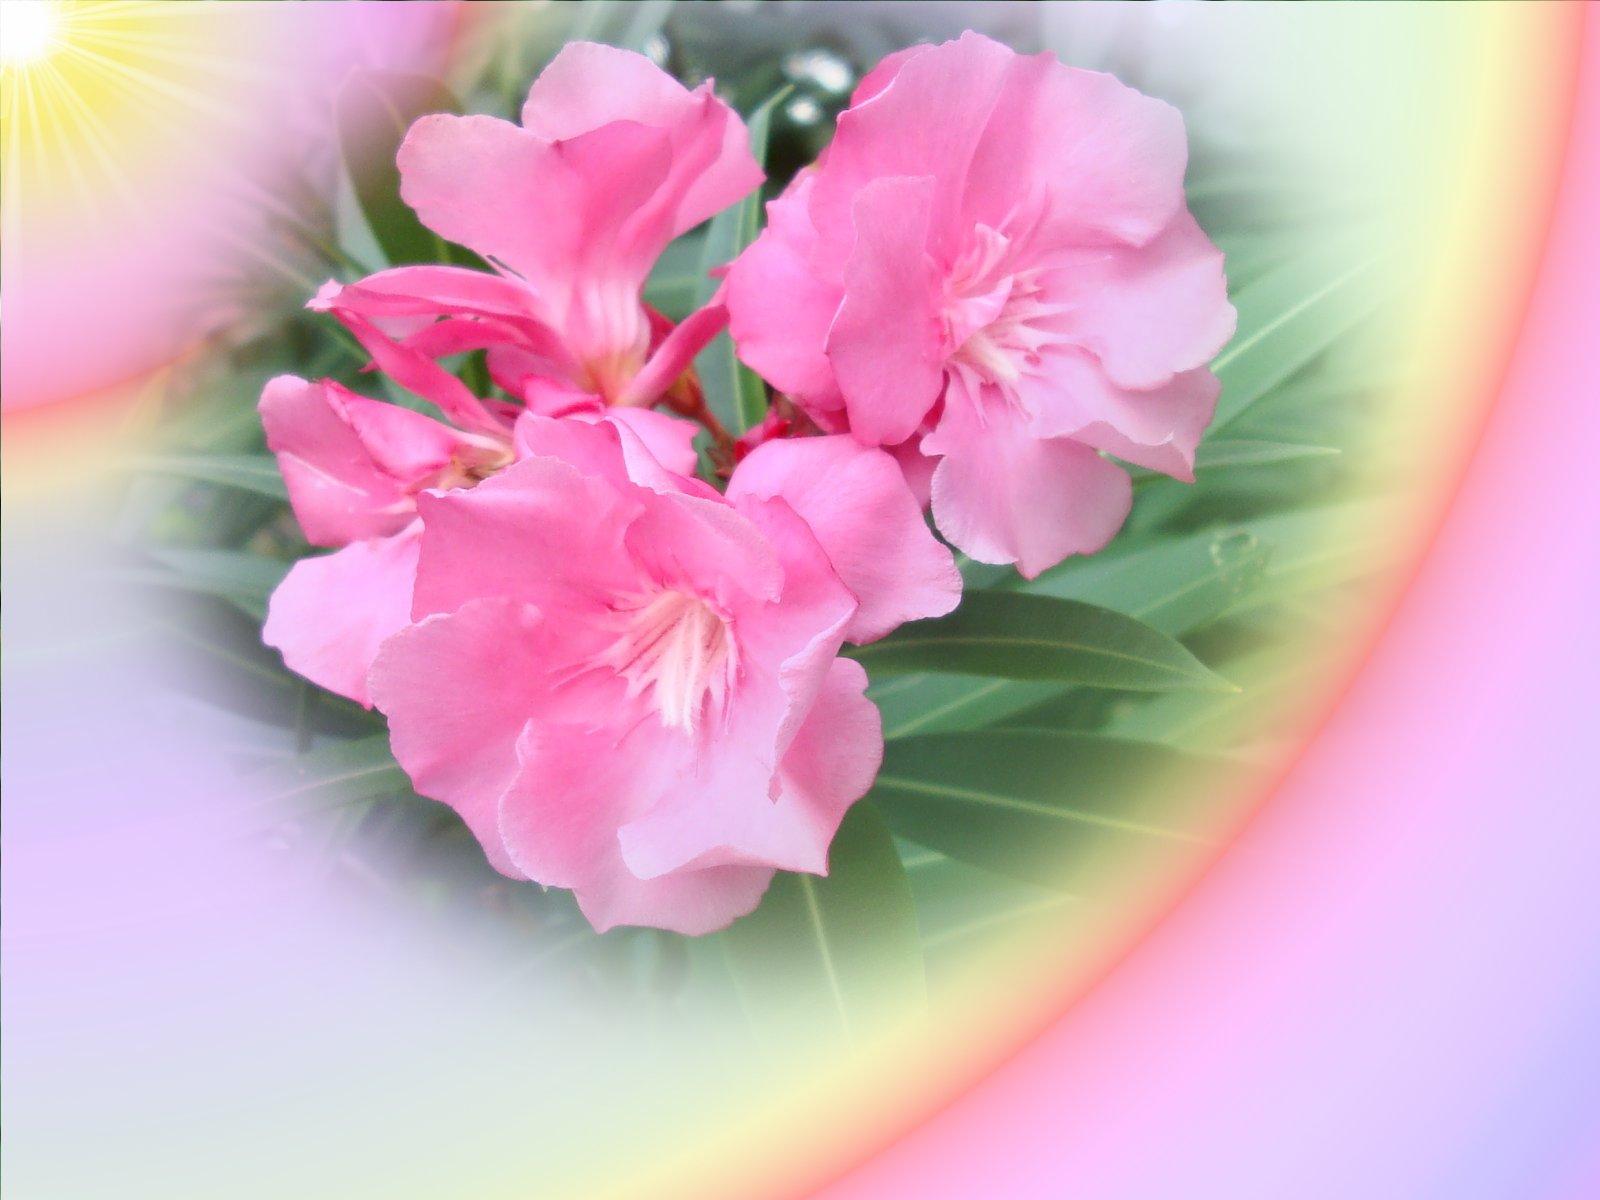 http://1.bp.blogspot.com/-FAFVHd09TNA/T4T4lbYxIKI/AAAAAAAAAXA/1XTX6Q4NdQQ/s1600/Spring%20Flowers_2.jpg